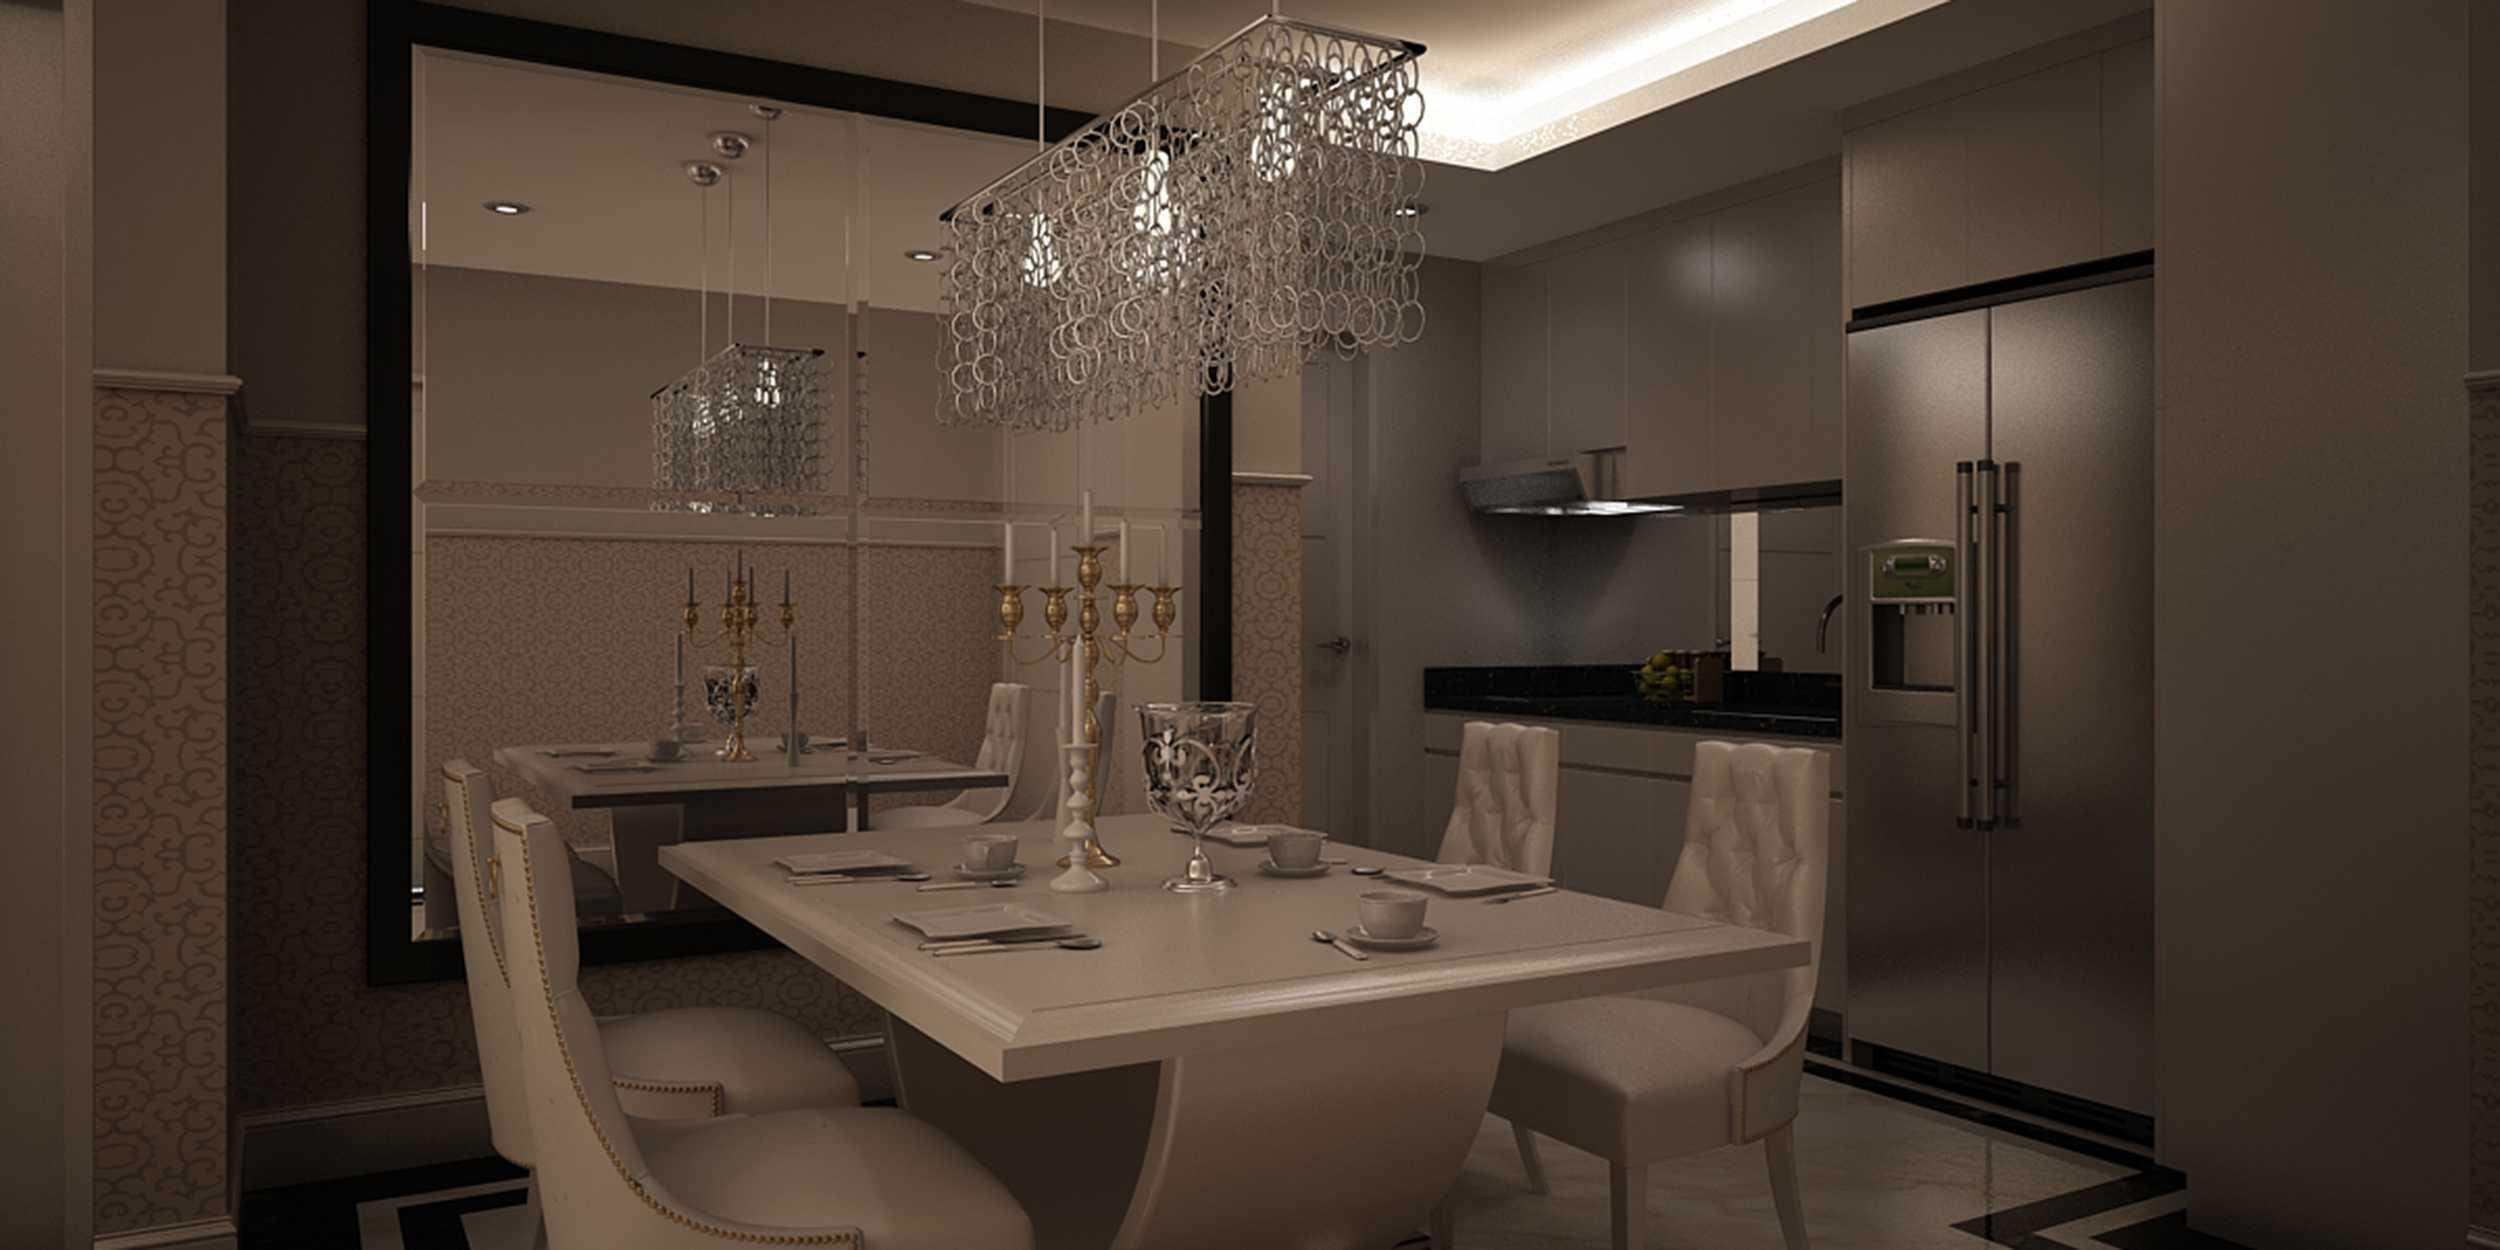 Ian Theo Apt Kemang Village Kemang Kemang Kitchen-Pantry Klasik,minimalis,modern  24801